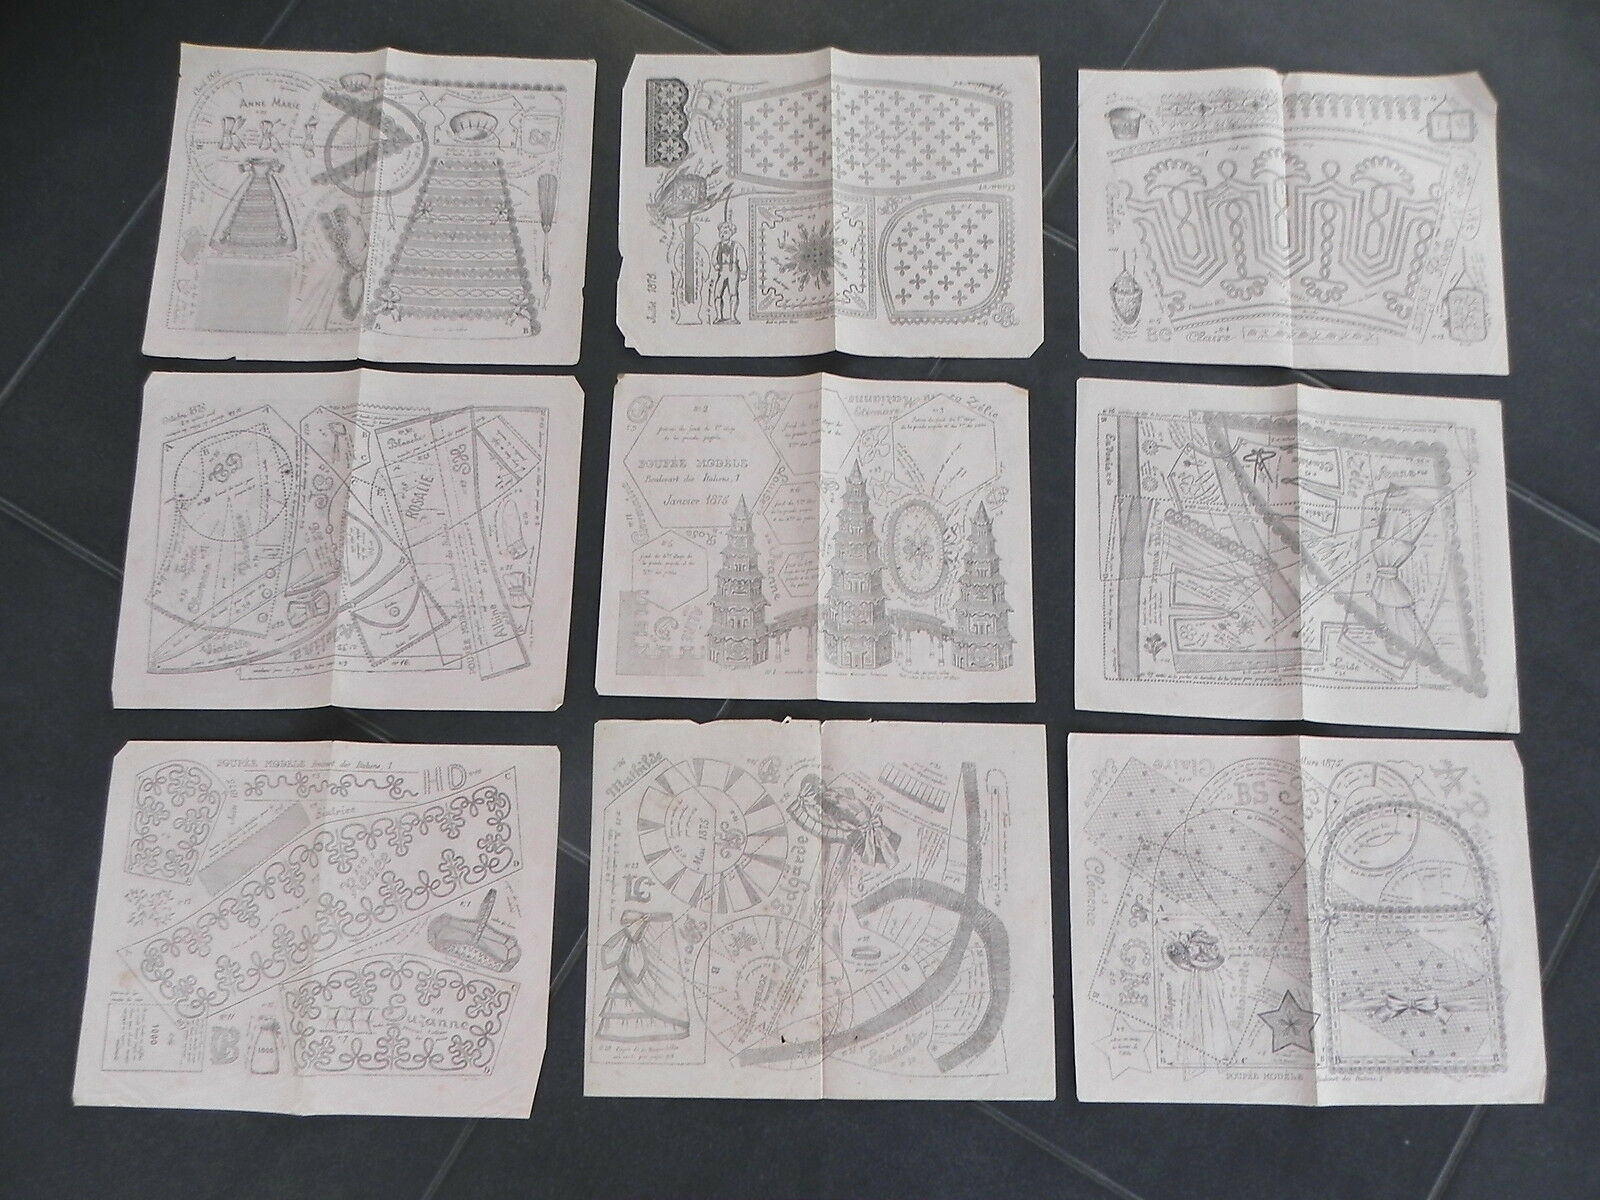 POUPEE MODELE 1875 lot de 9 planches patrons mignonettes trousseau accessoires